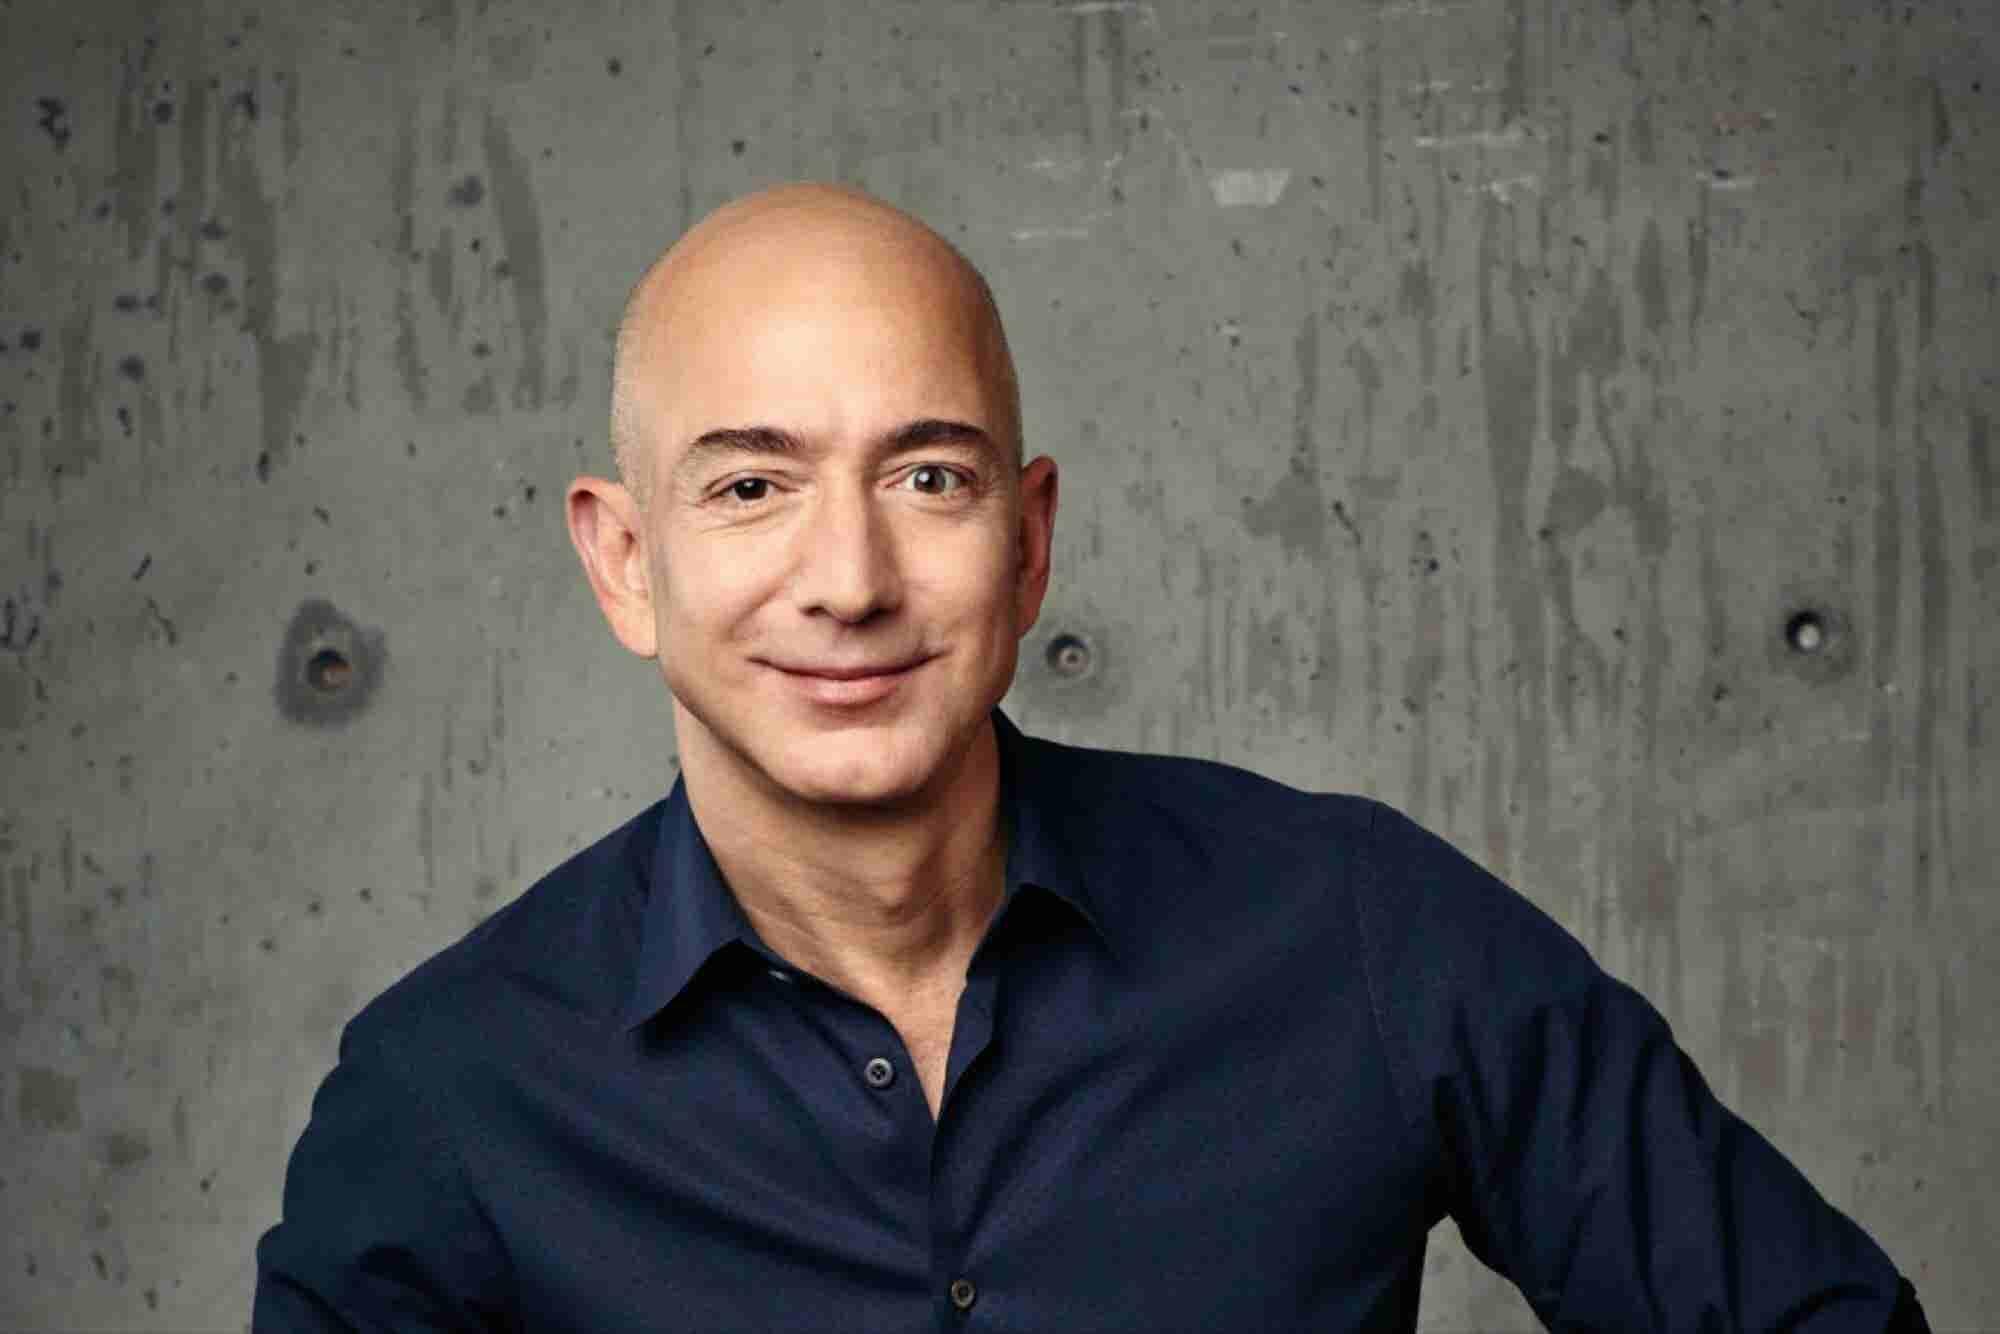 Jeff Bezos ya es el más rico del mundo según Forbes